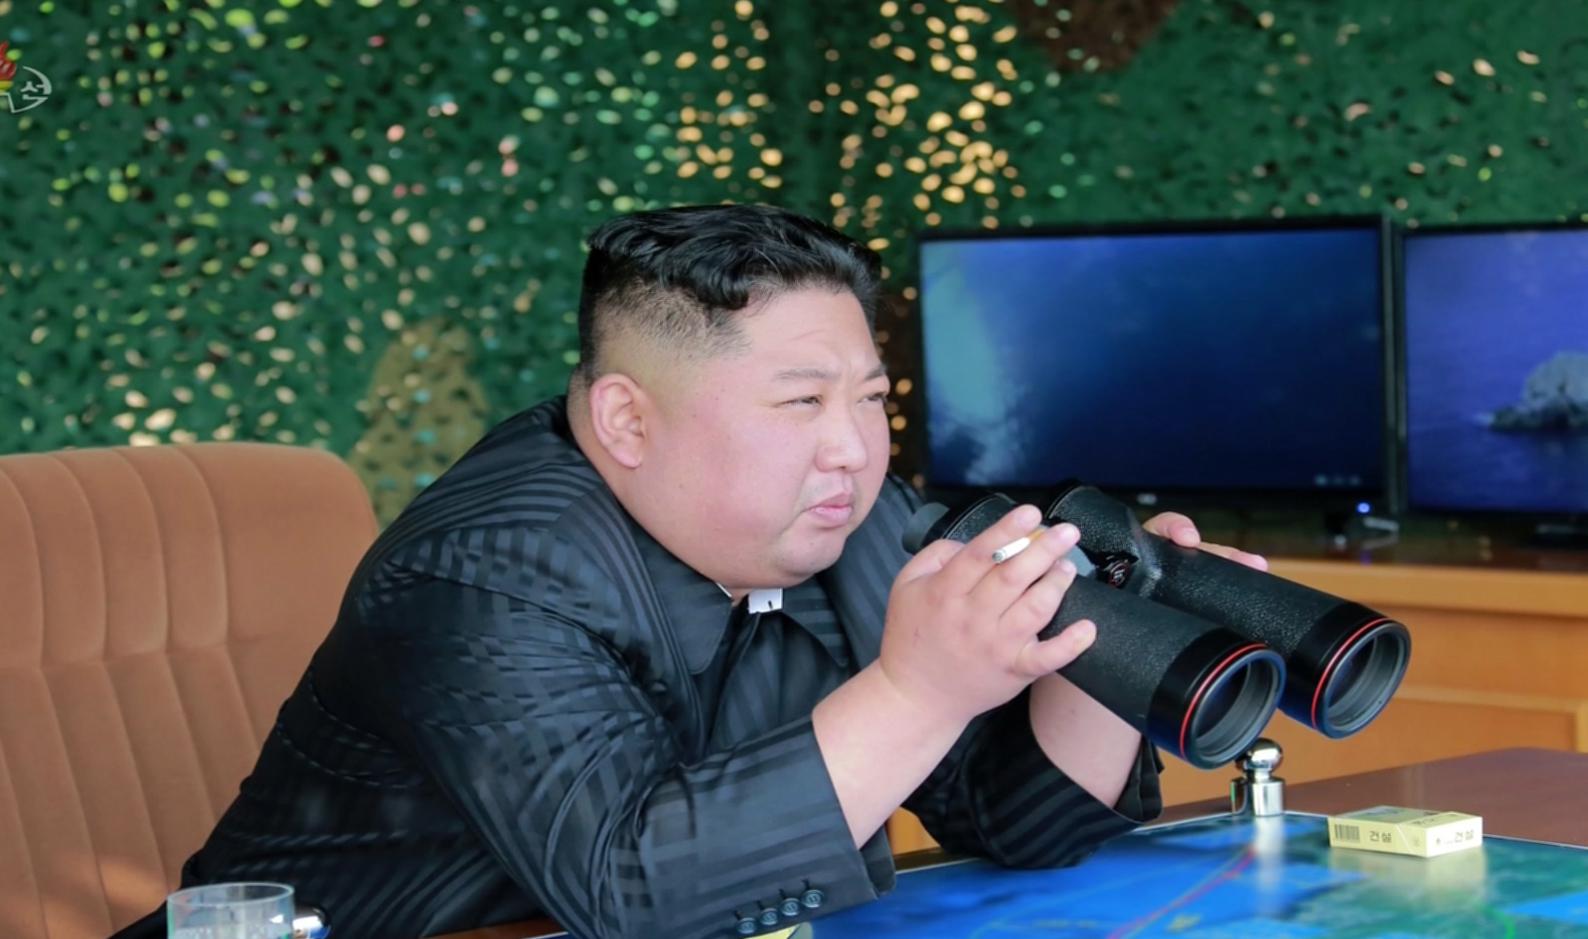 북한 조선중앙TV가 5일 전날 동해 해상에서 김정은 국무위원장 참관 하에 진행된 화력타격 훈련 사진을 방영했다. 김정은 국무위원장이 훈련을 지켜보는 모습. [연합뉴스]